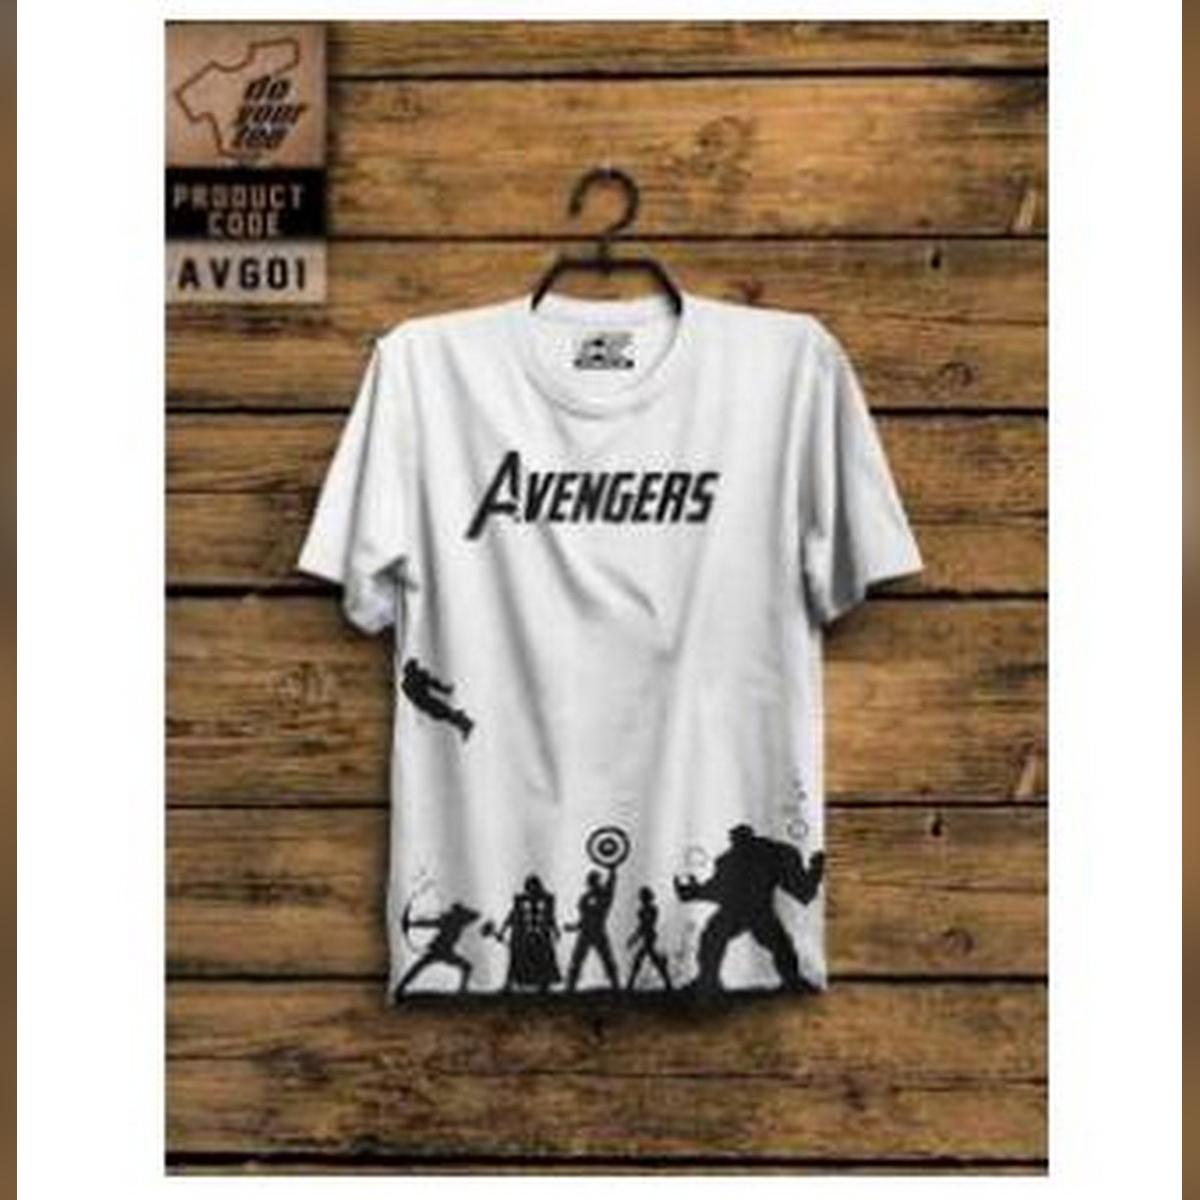 White Avenger Half Sleeves Printed T.shirt